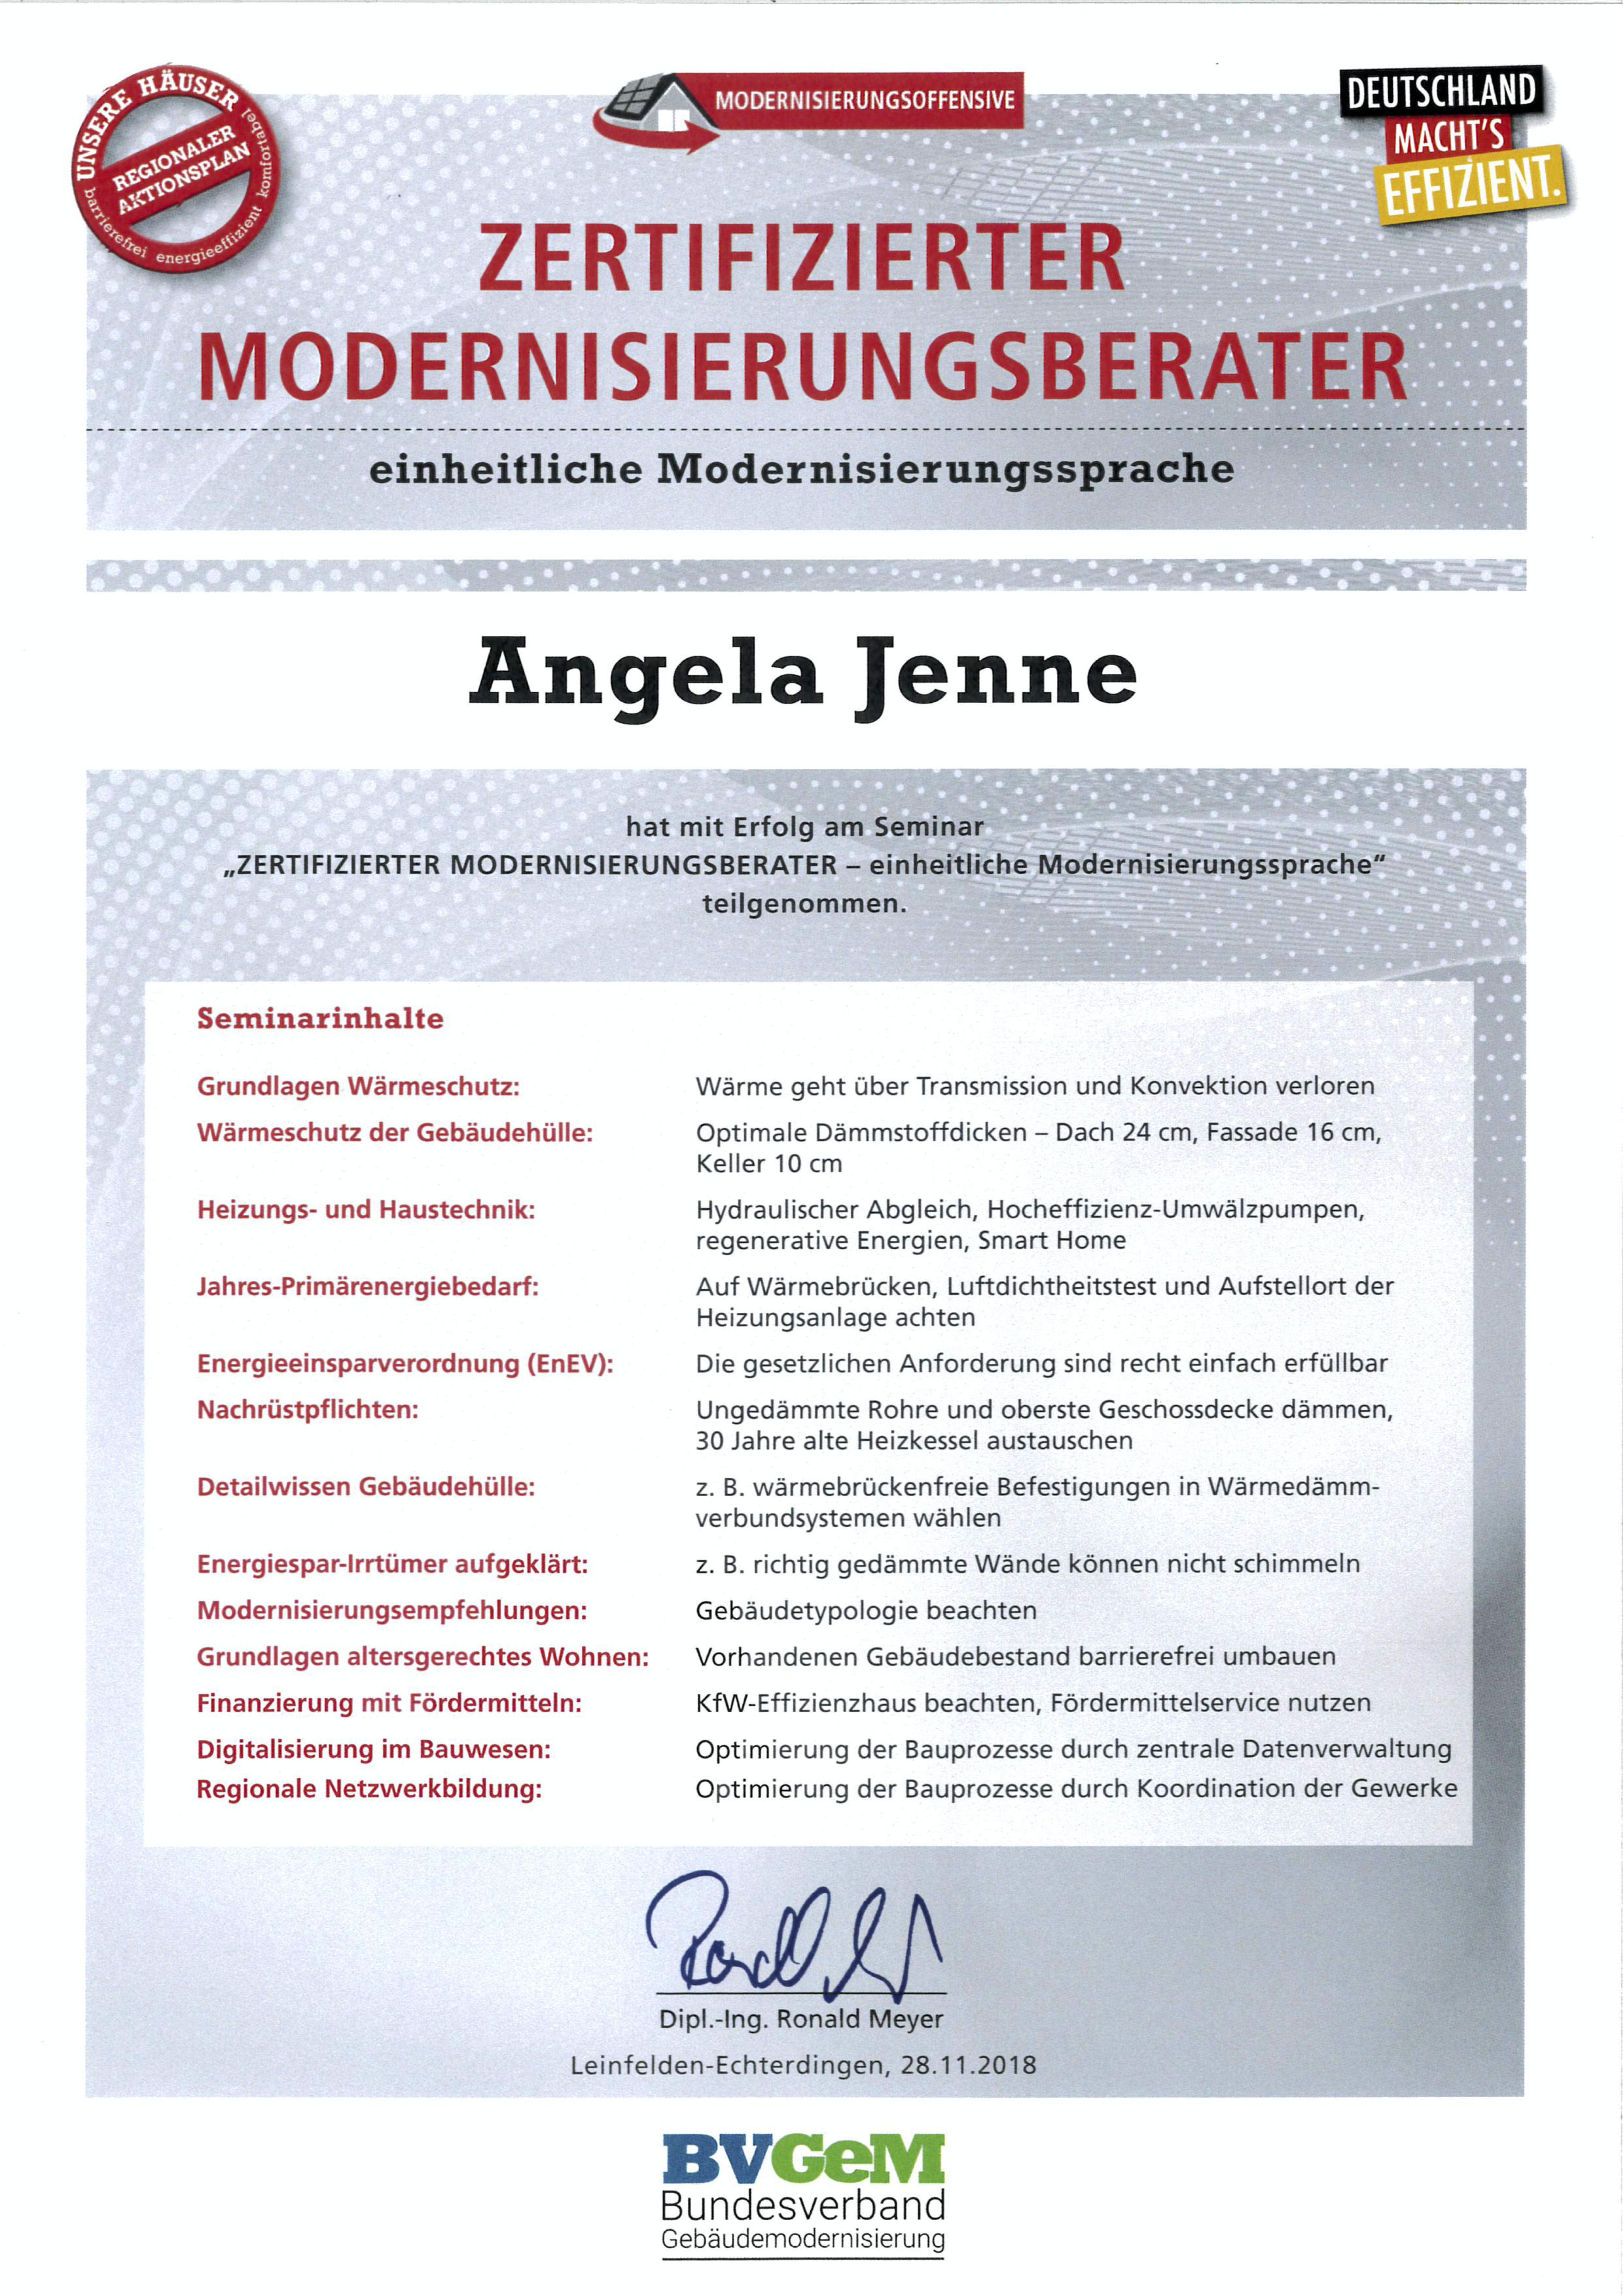 Modernisierungsberater Angela